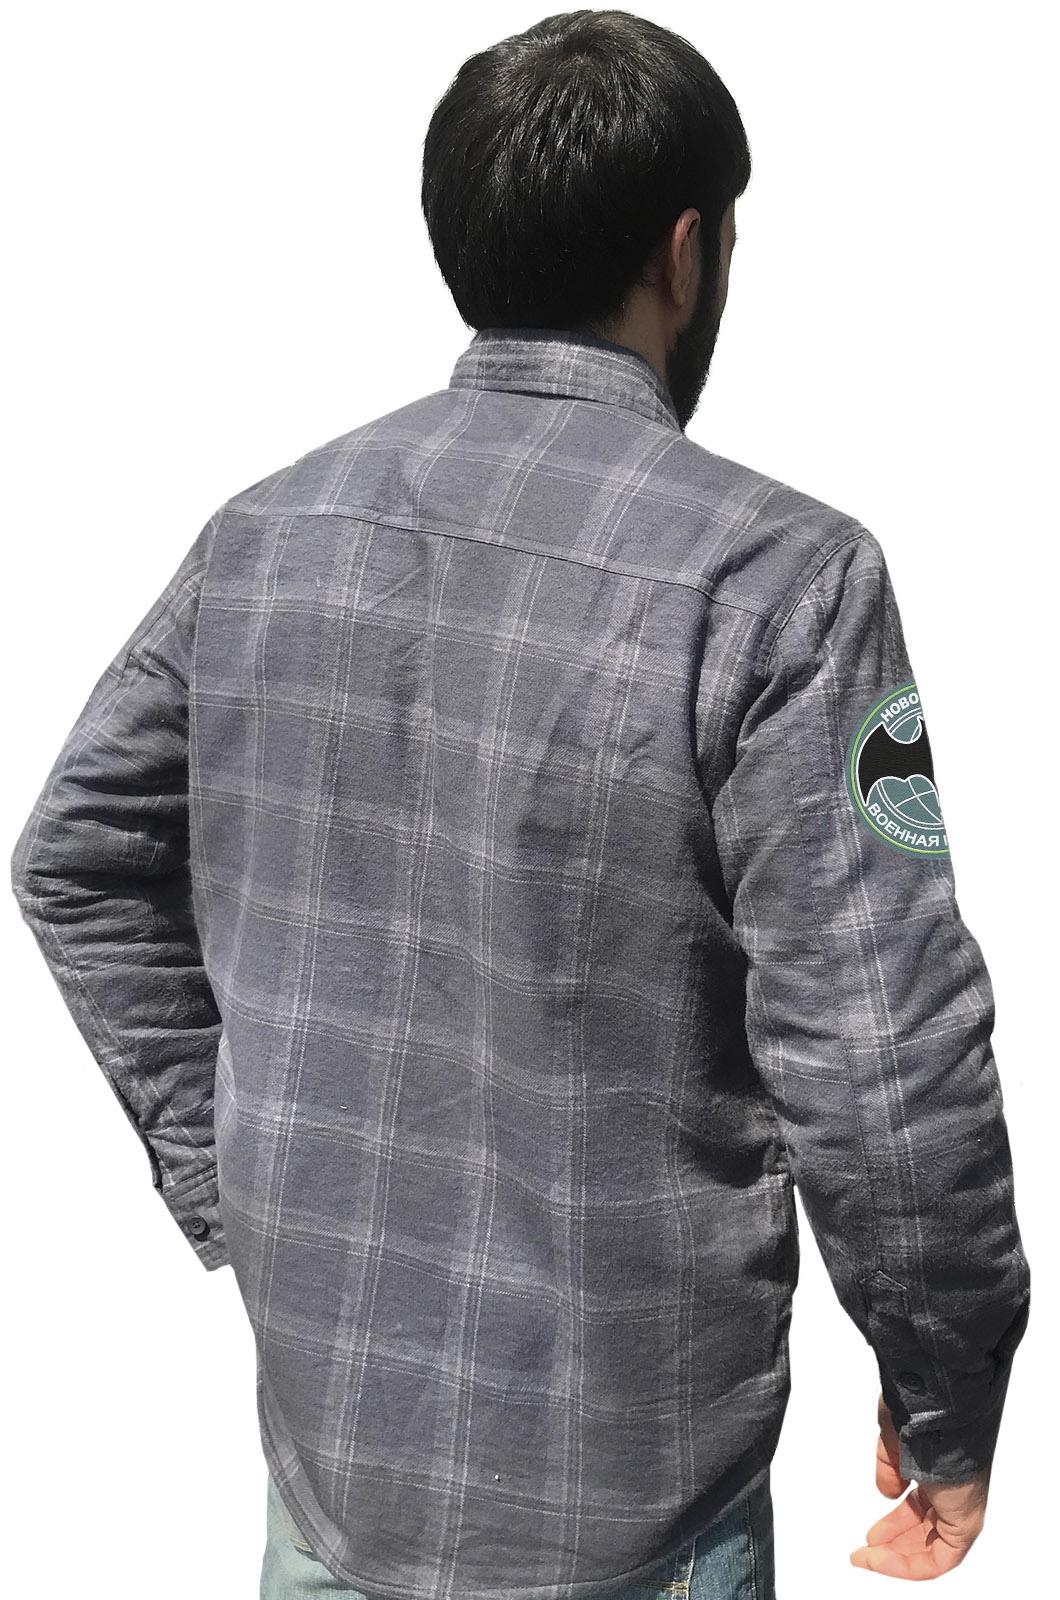 Мужская рубашка в нашивкой Военной разведки Новороссии заказать по выгодной цене